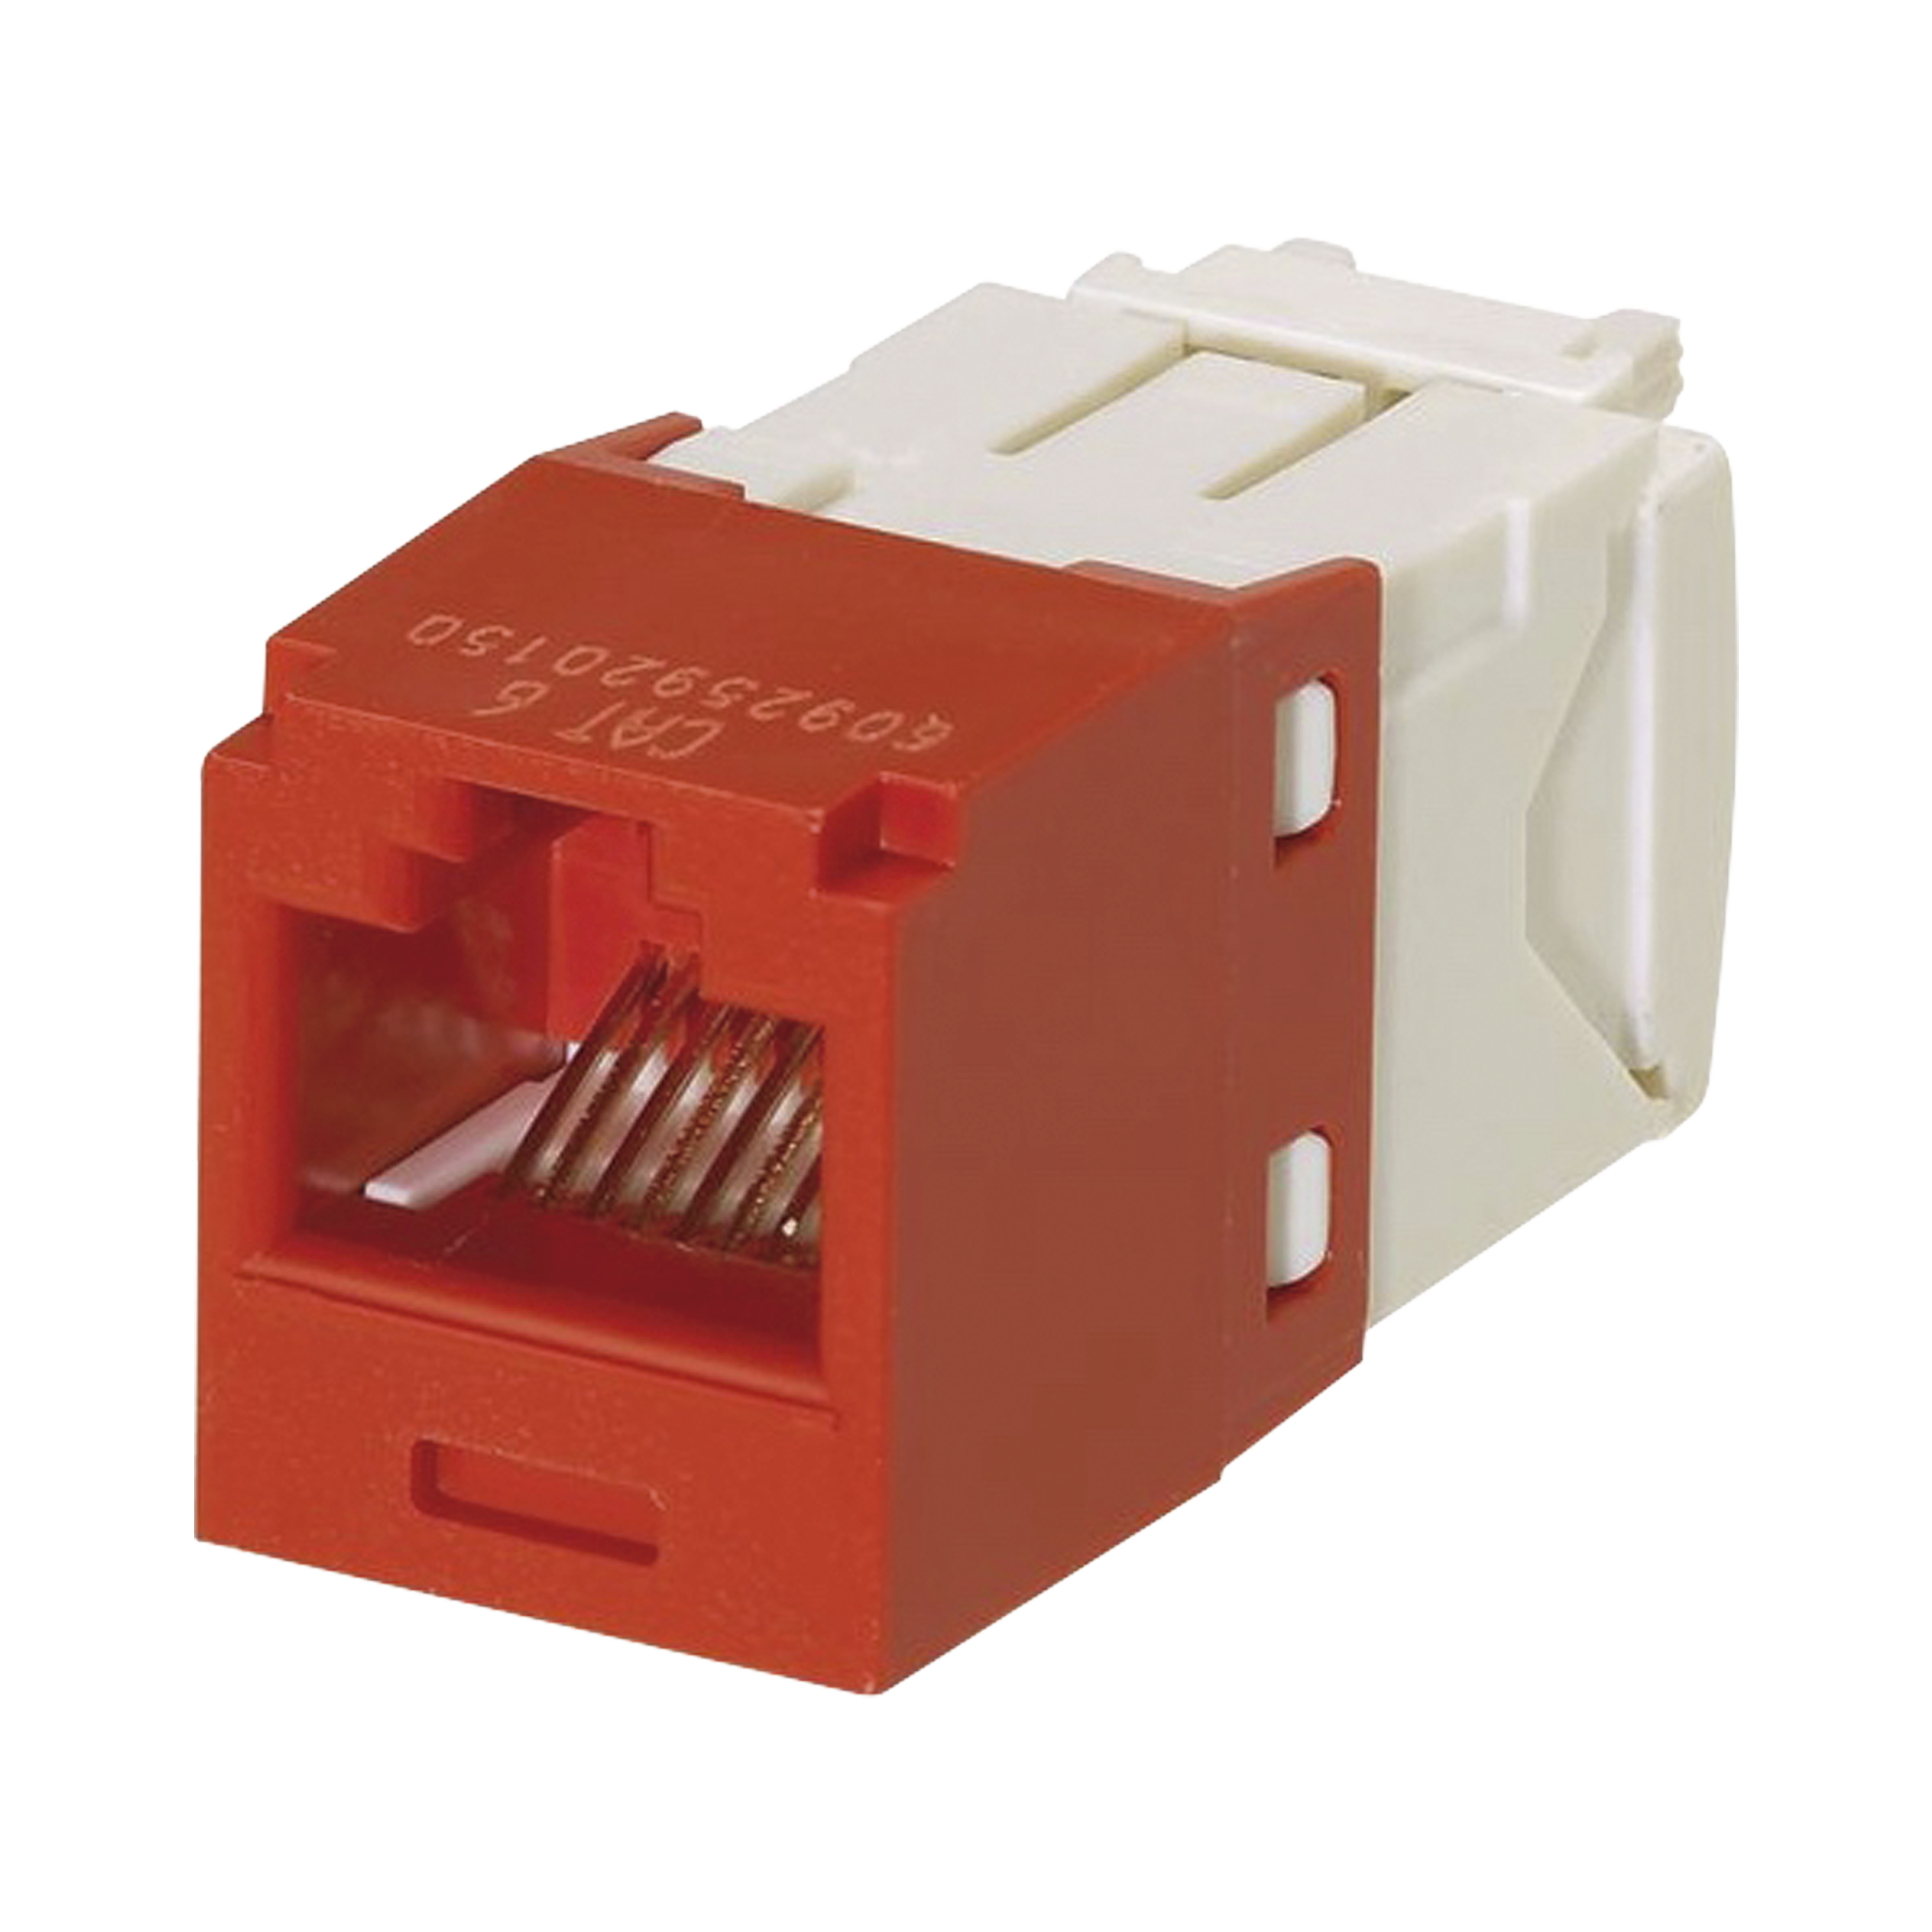 Conector Jack RJ45 Estilo TG, Mini-Com, Categoría 6, de 8 posiciones y 8 cables, Color Rojo